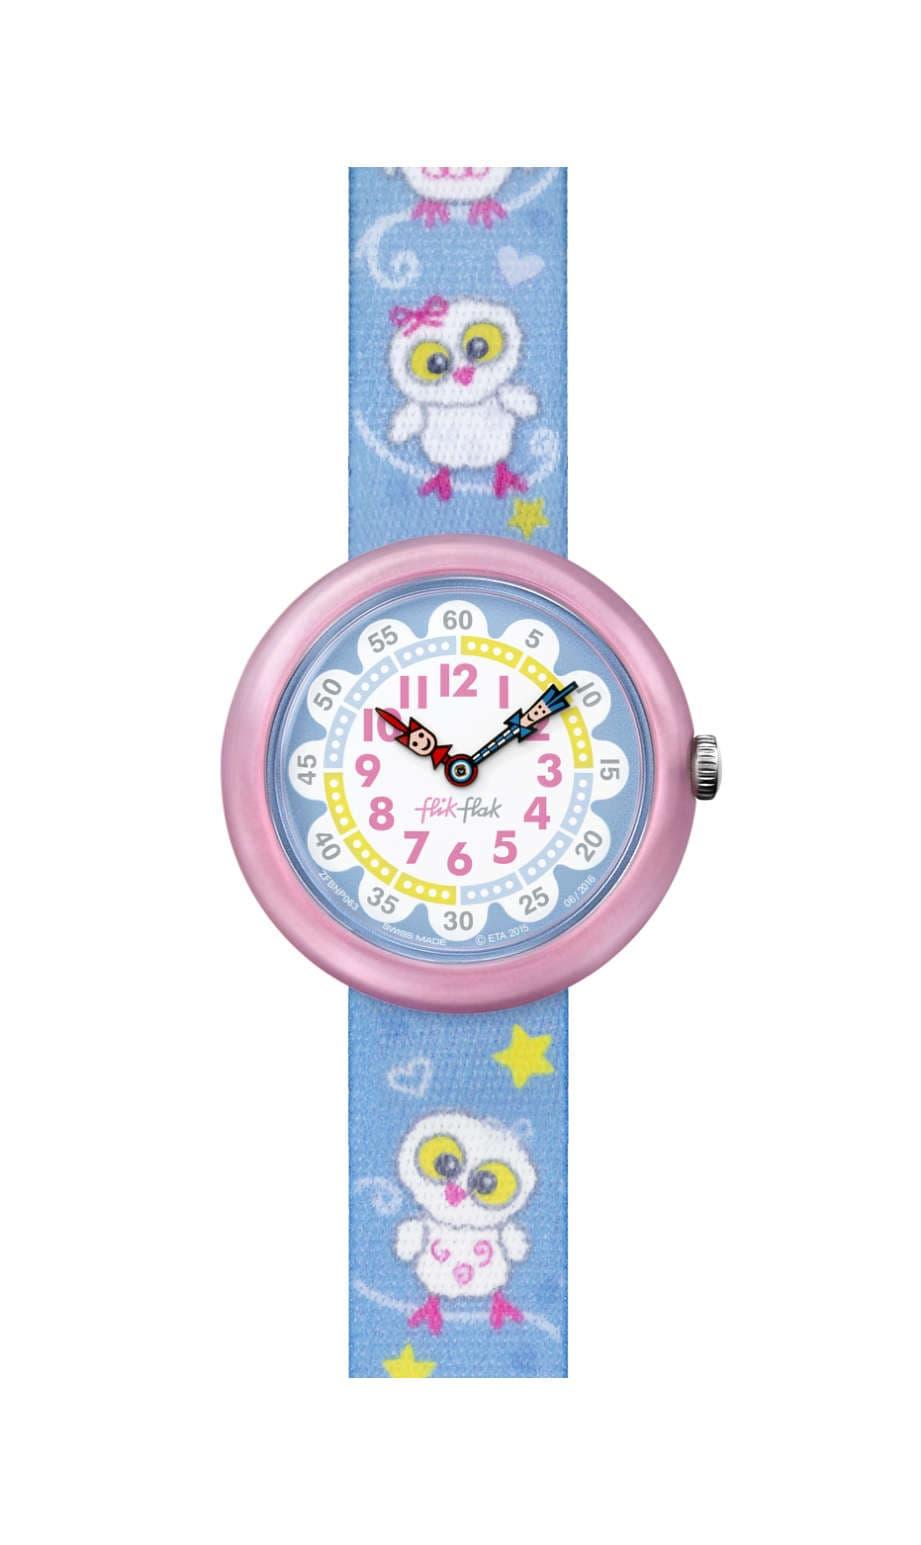 Swatch - CUTE OWLS - 1